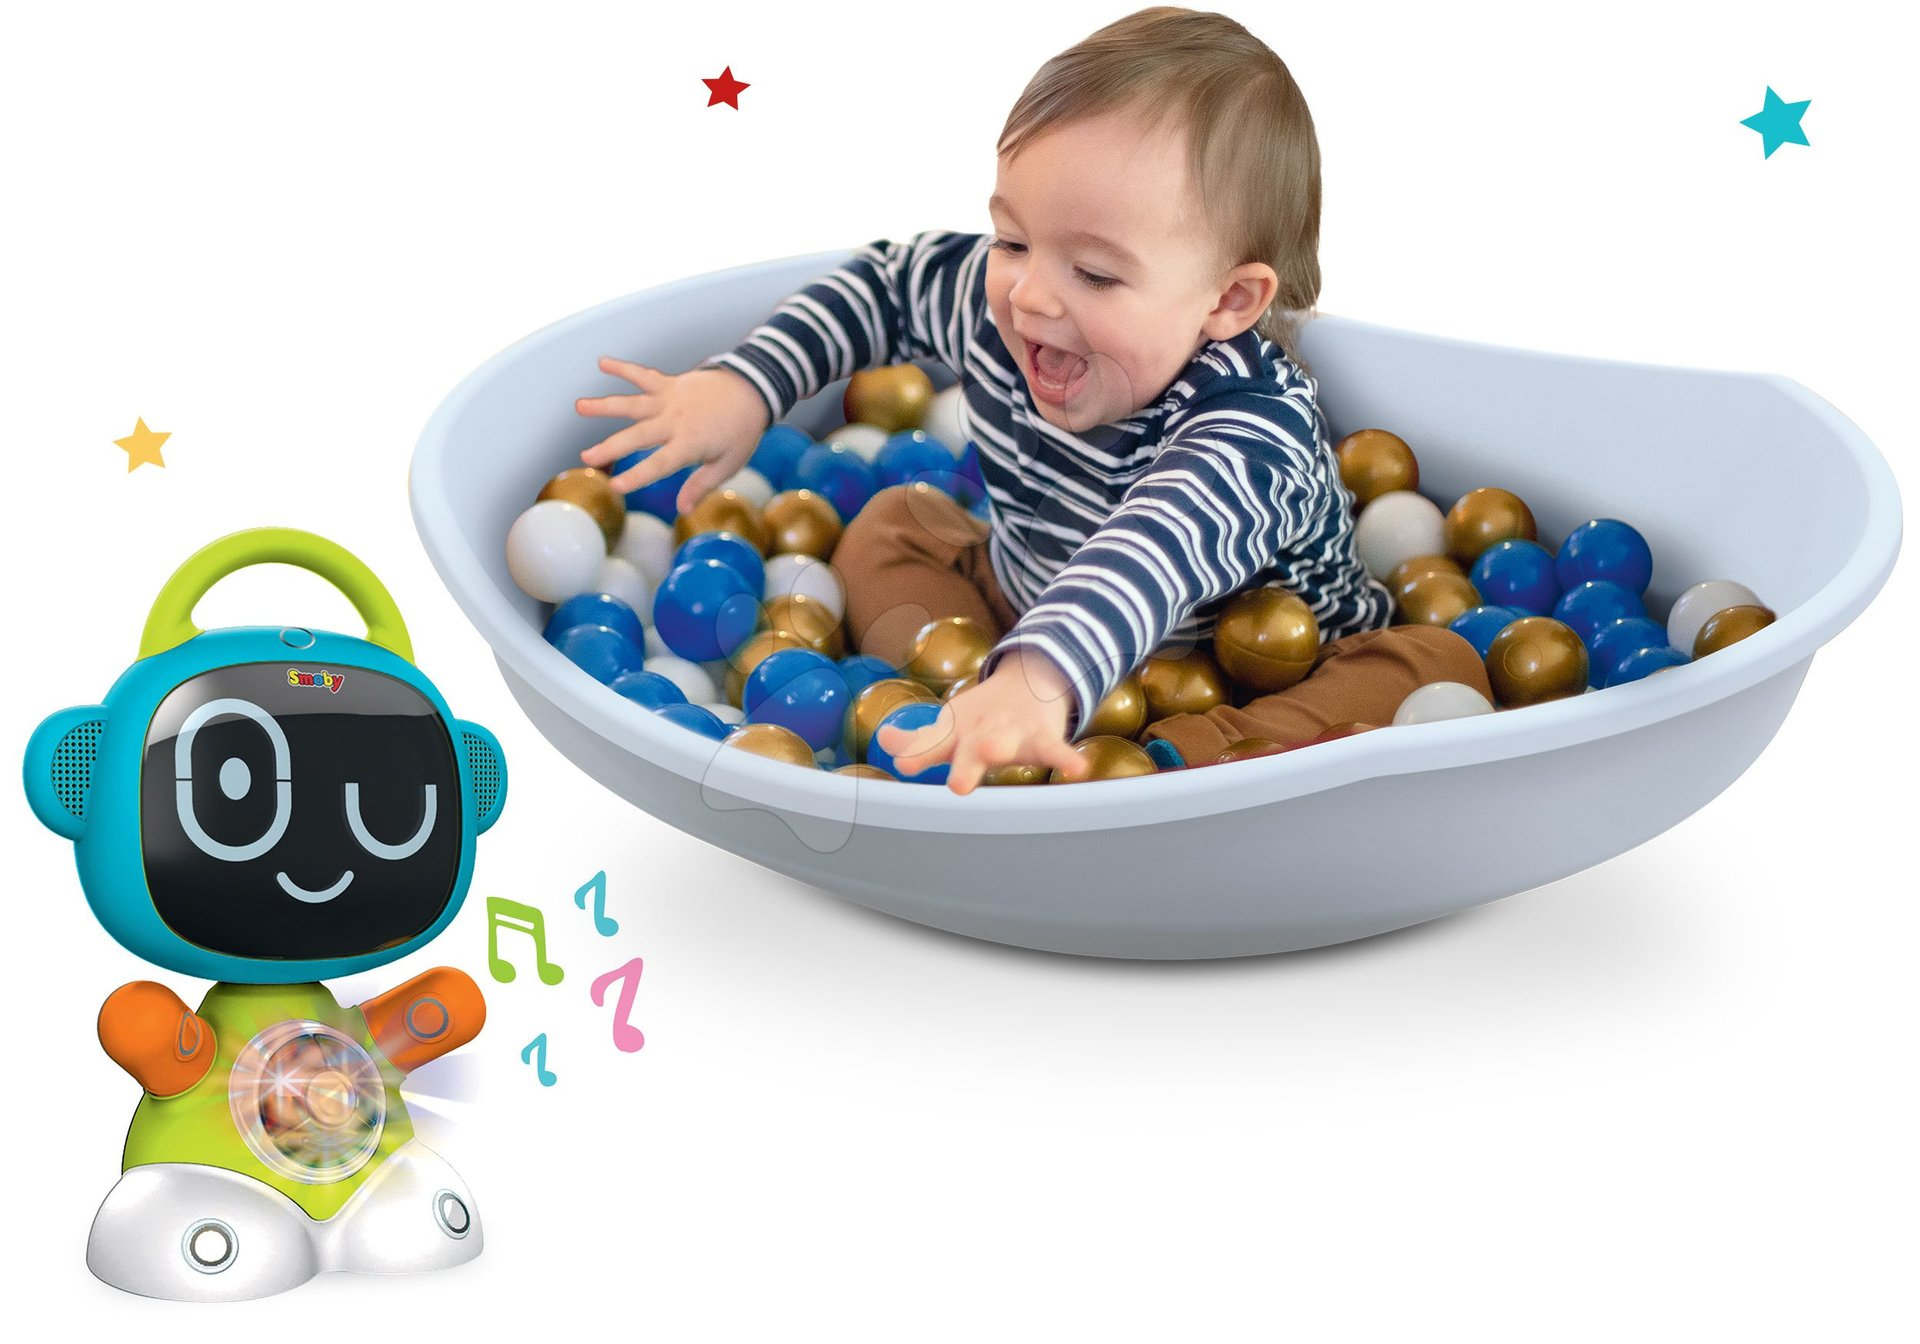 Hračky pro miminka - Set interaktivní Robot TIC Smart Smoby s 3 naučnými hrami a balanční kužel s polštářem Cosy